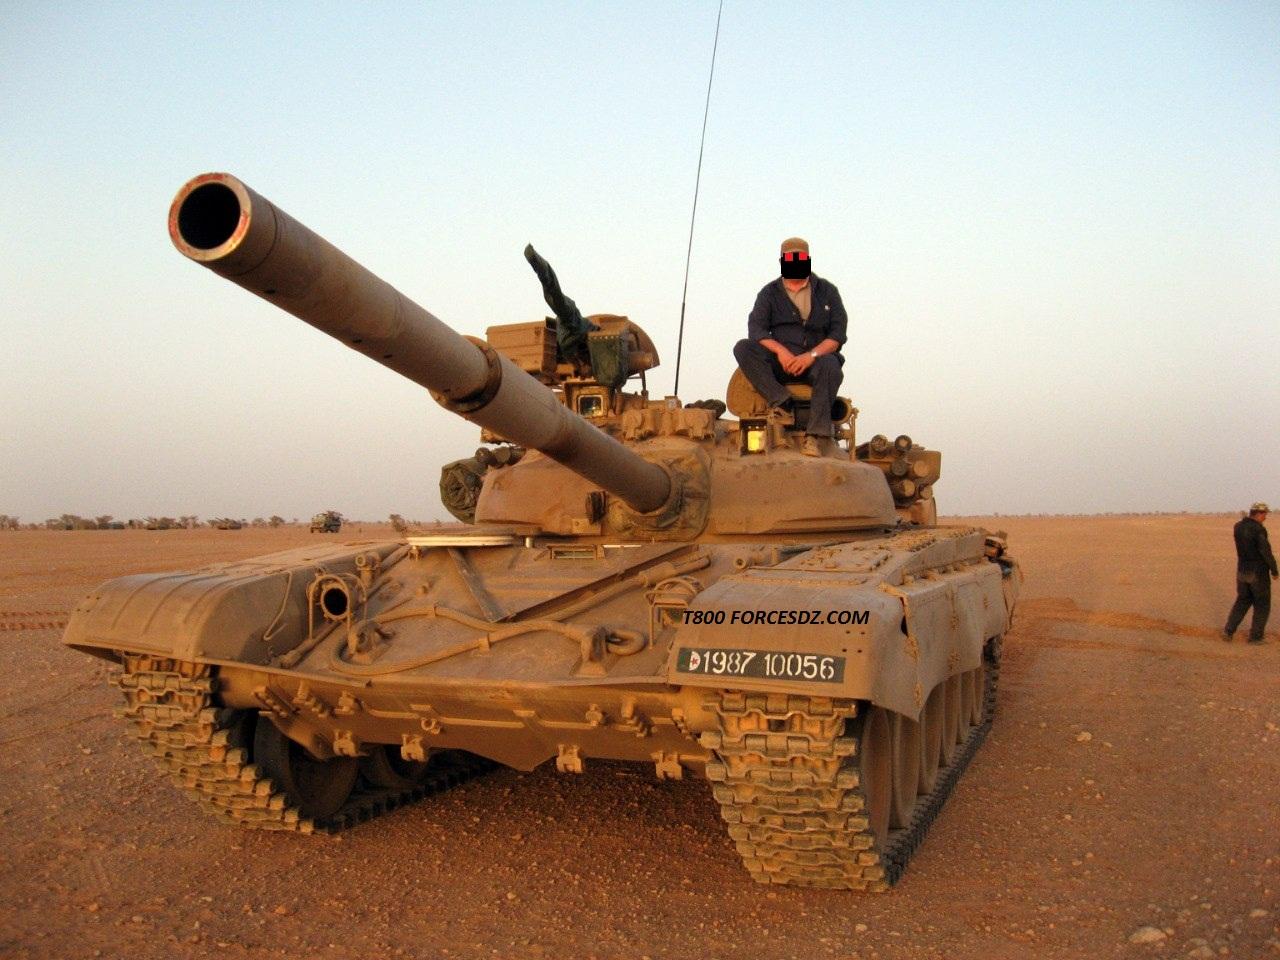 صور دبابات قتال رئيسية الجزائرية T-72M/M1/B/BK/AG/S ] Main Battle Tank Algerian ]   902532amcWISP1I